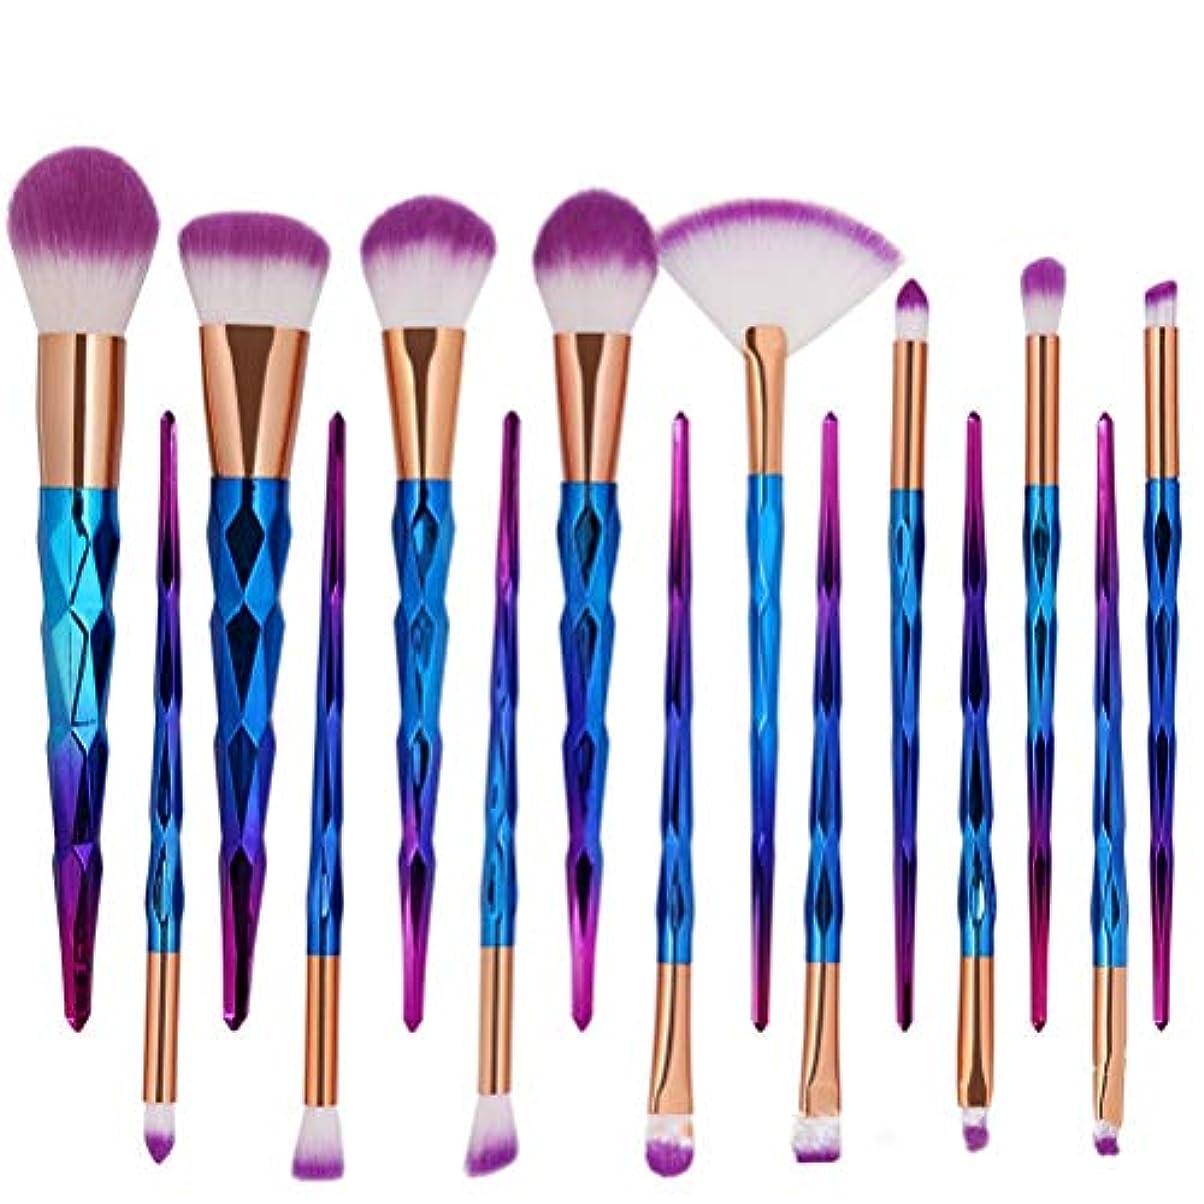 温度徹底的に愚かLSHJP 化粧ブラシ 15個 不規則な 個性的 柔らか 安心 便利 ファッション 自然 ビューティー 高品質 高品質 (Color : Purple, Size : ワンサイズ)